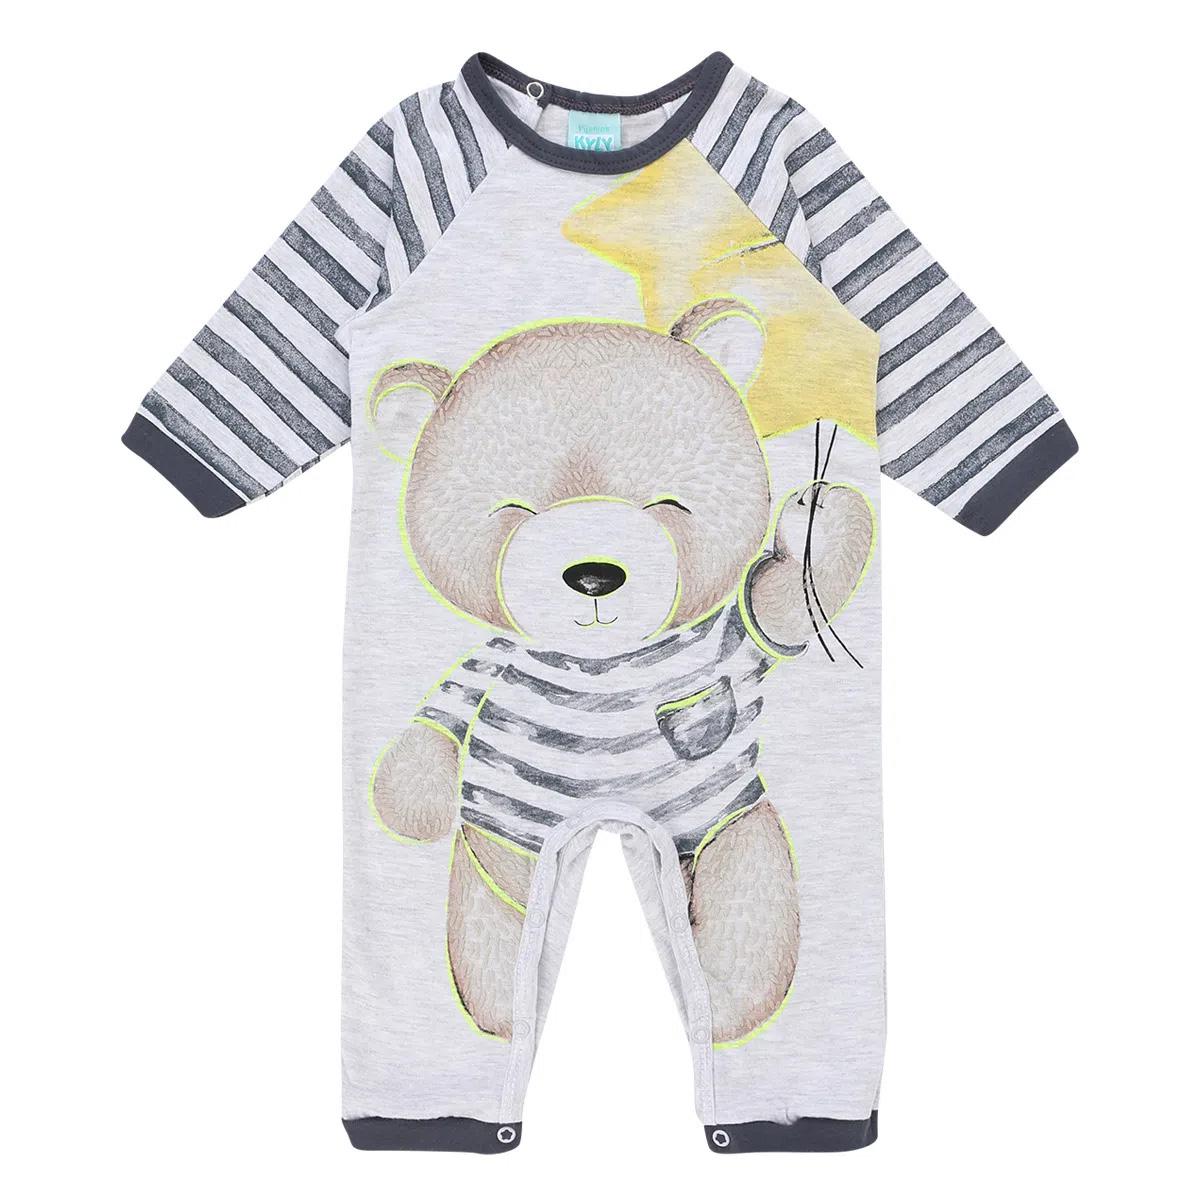 Pijama Macacão Kyly Em Meia Malha Estampa Urso